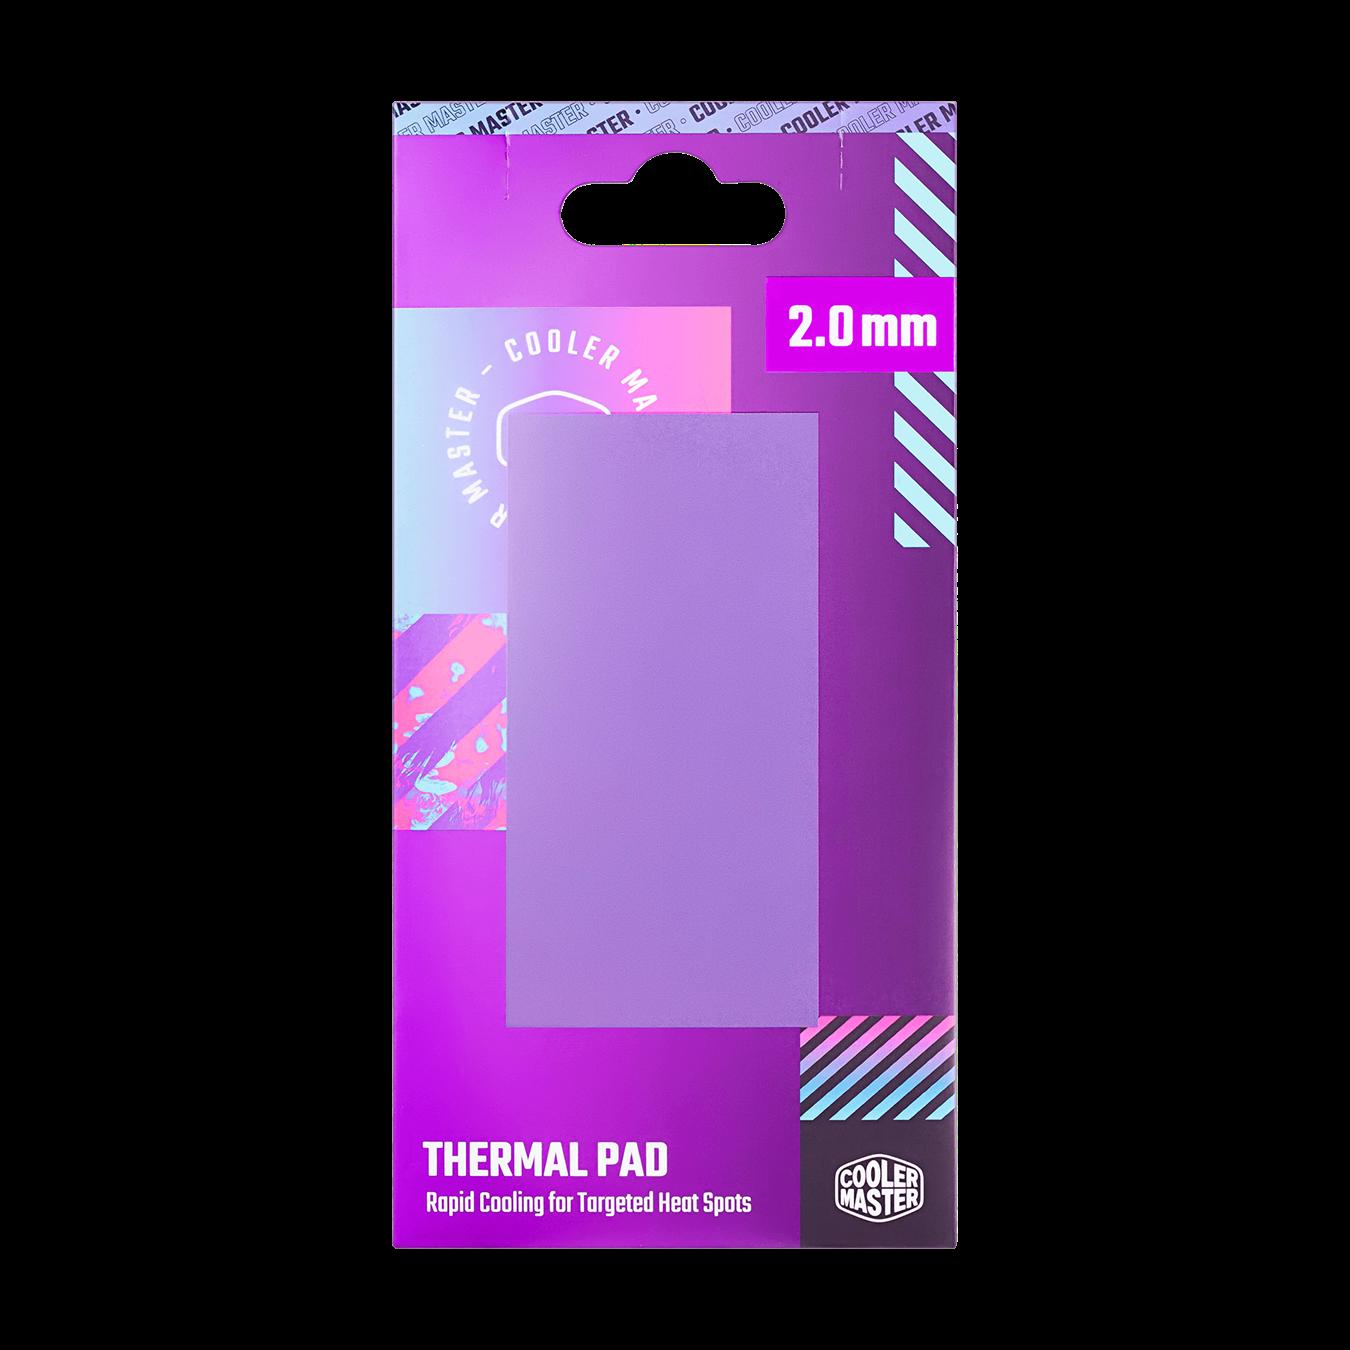 Thermal Pad - 2.0mm